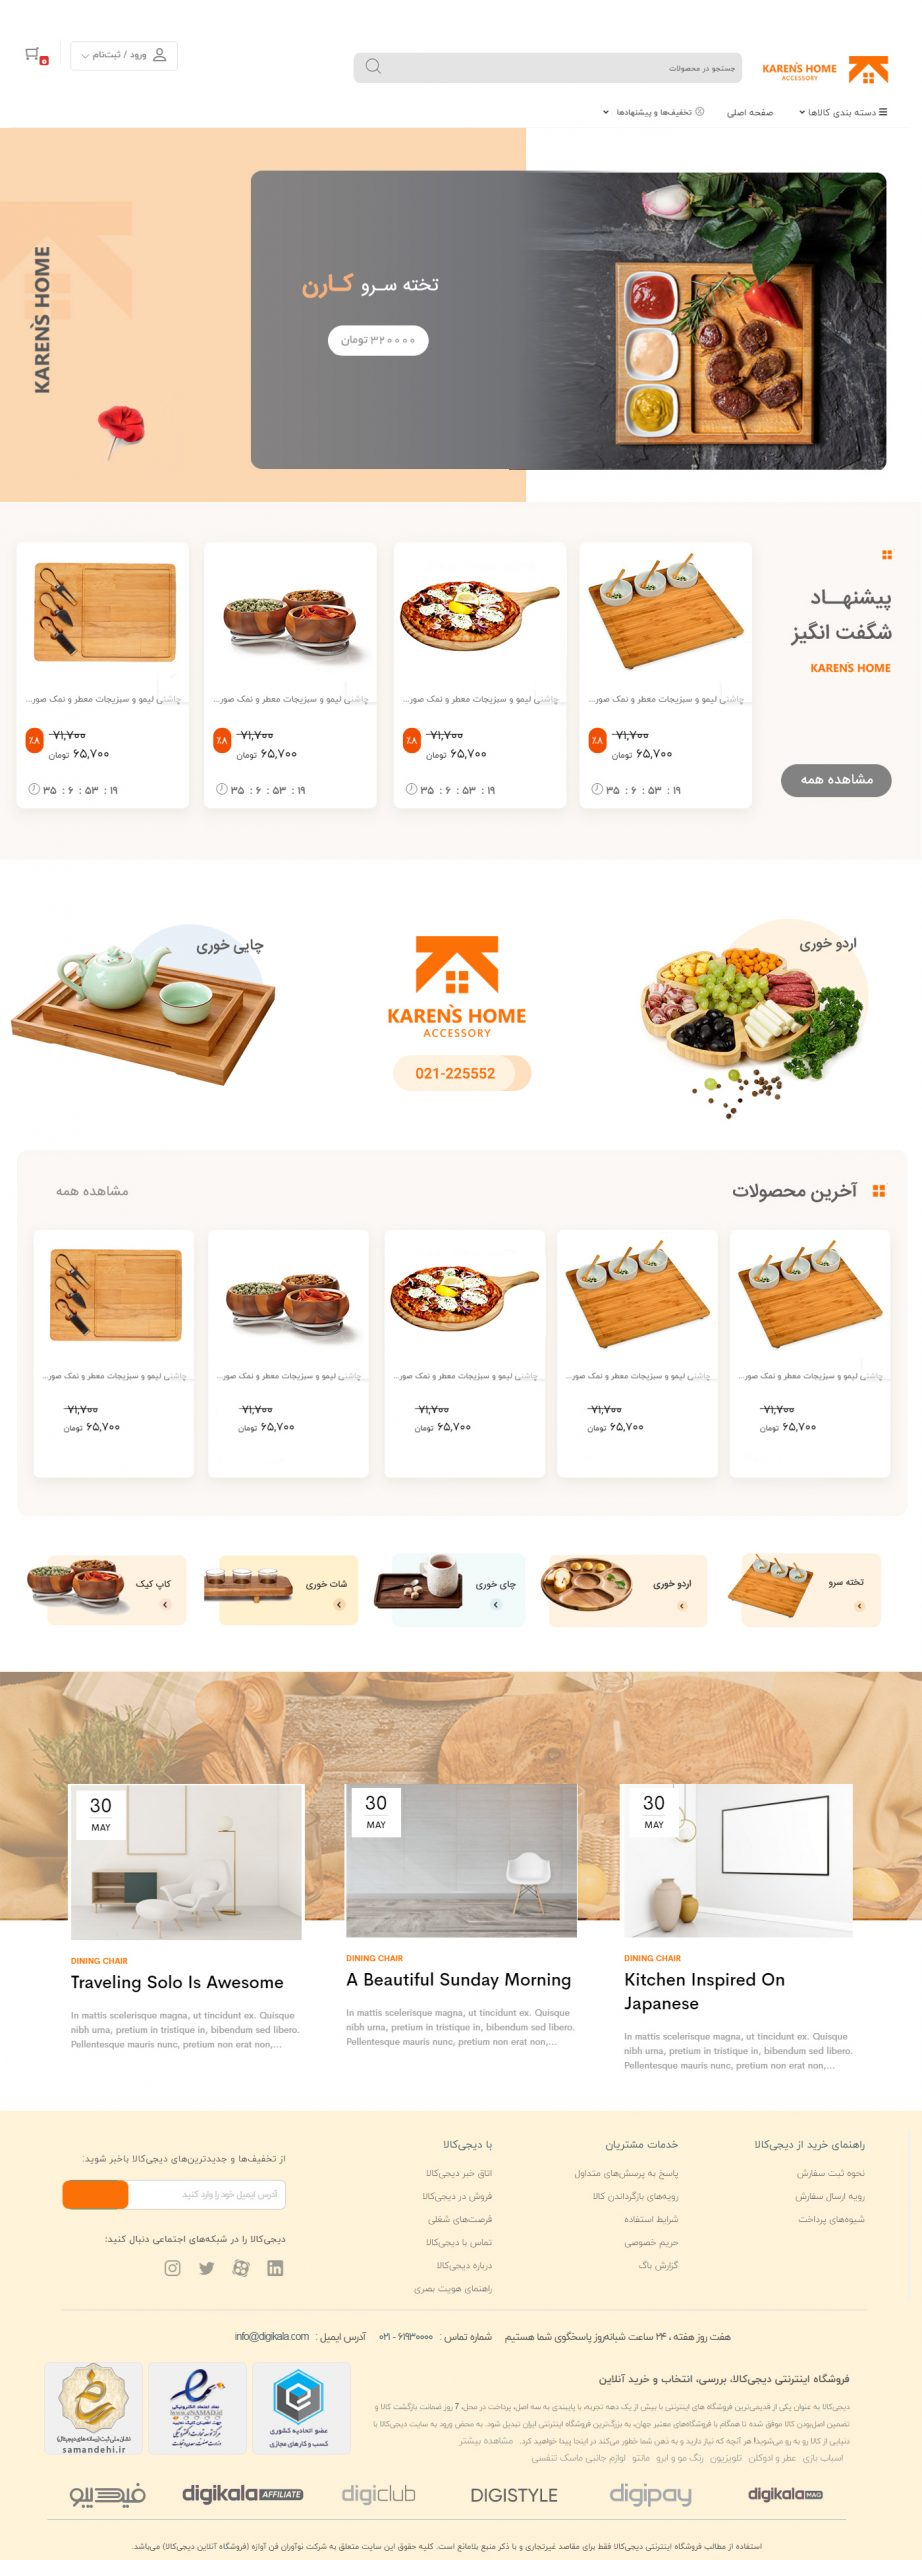 طراحی سایت فروشگاه لوازم چوبی